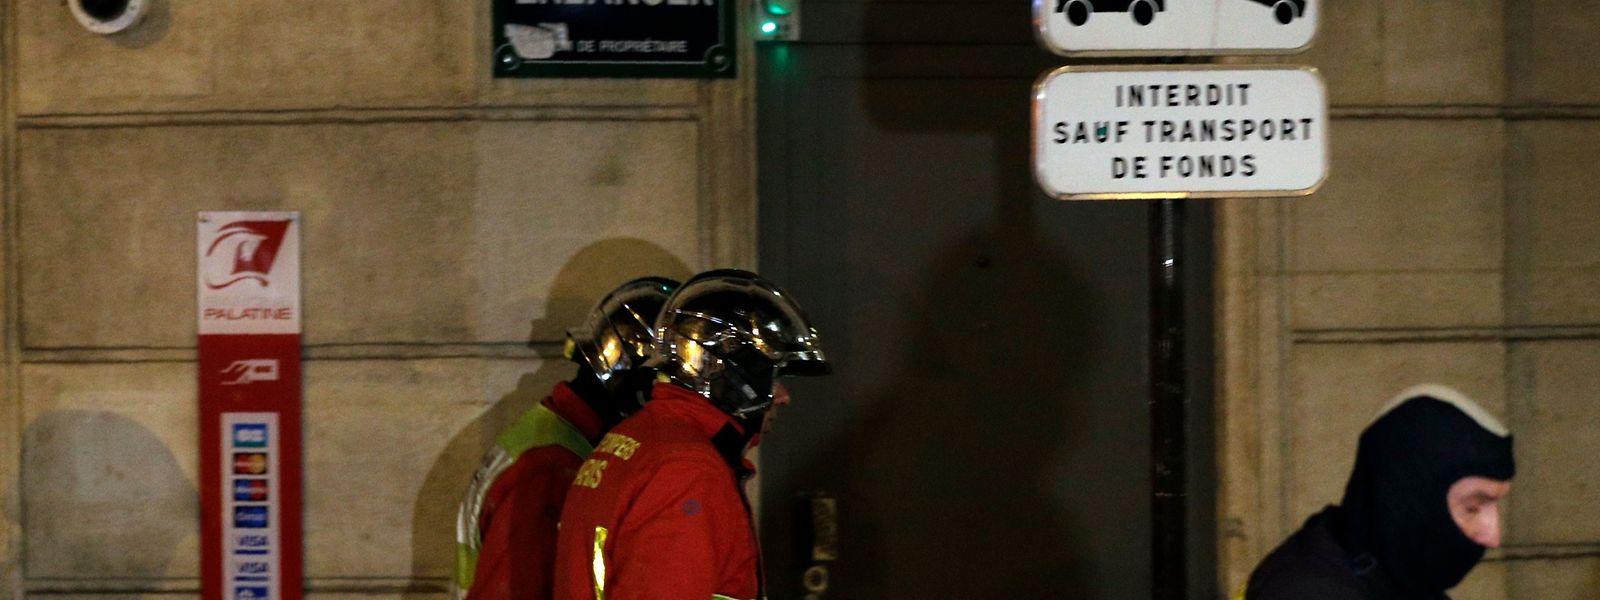 L'incendie s'est déclaré dans un immeuble des années 70 de la rue Erlanger à Paris 16e.